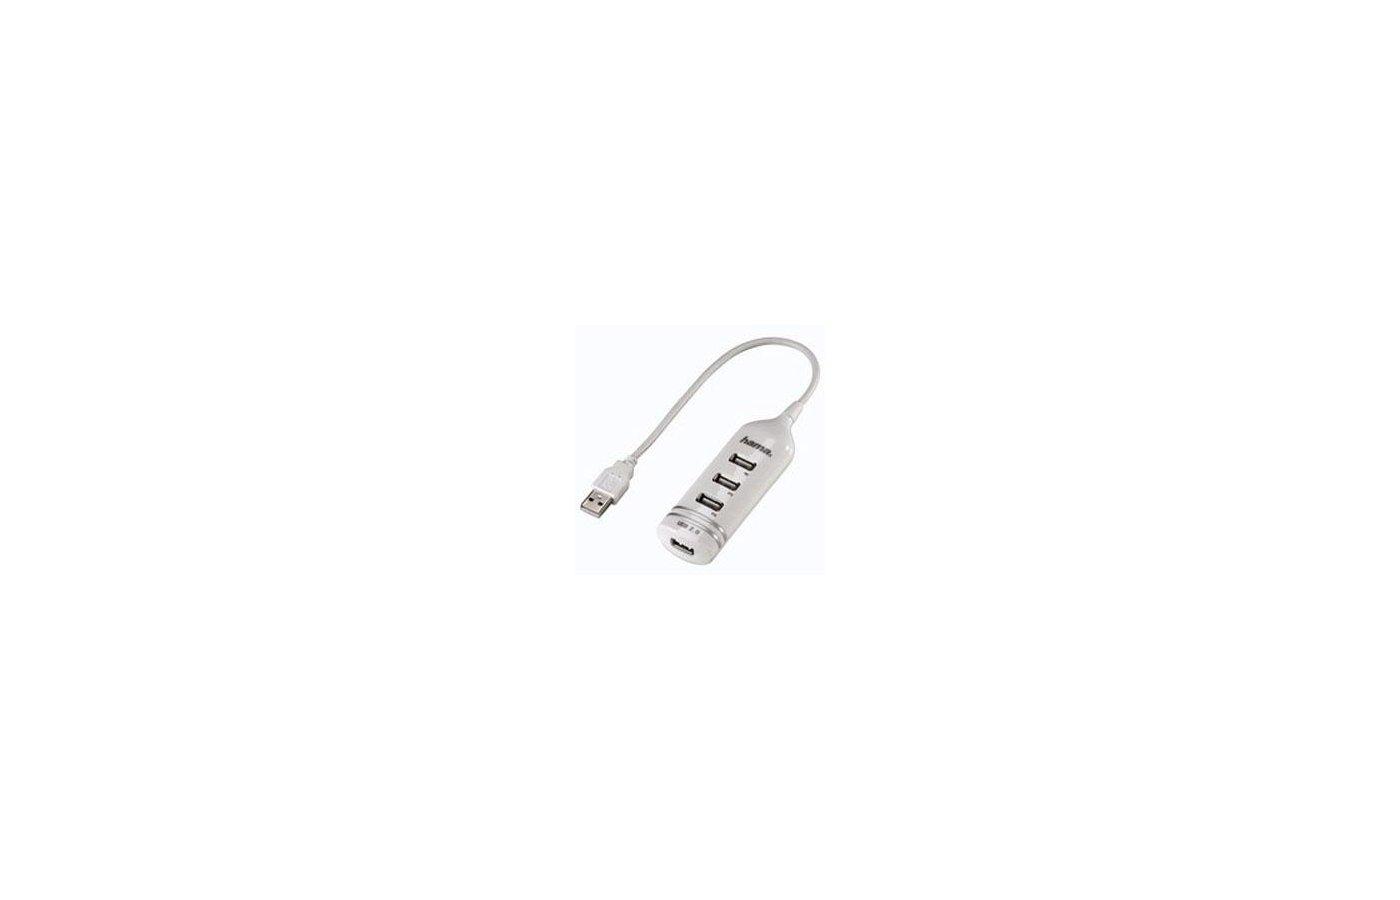 Разветвитель USB 2.0 Hama Round1:4(39788) портов:4 белый